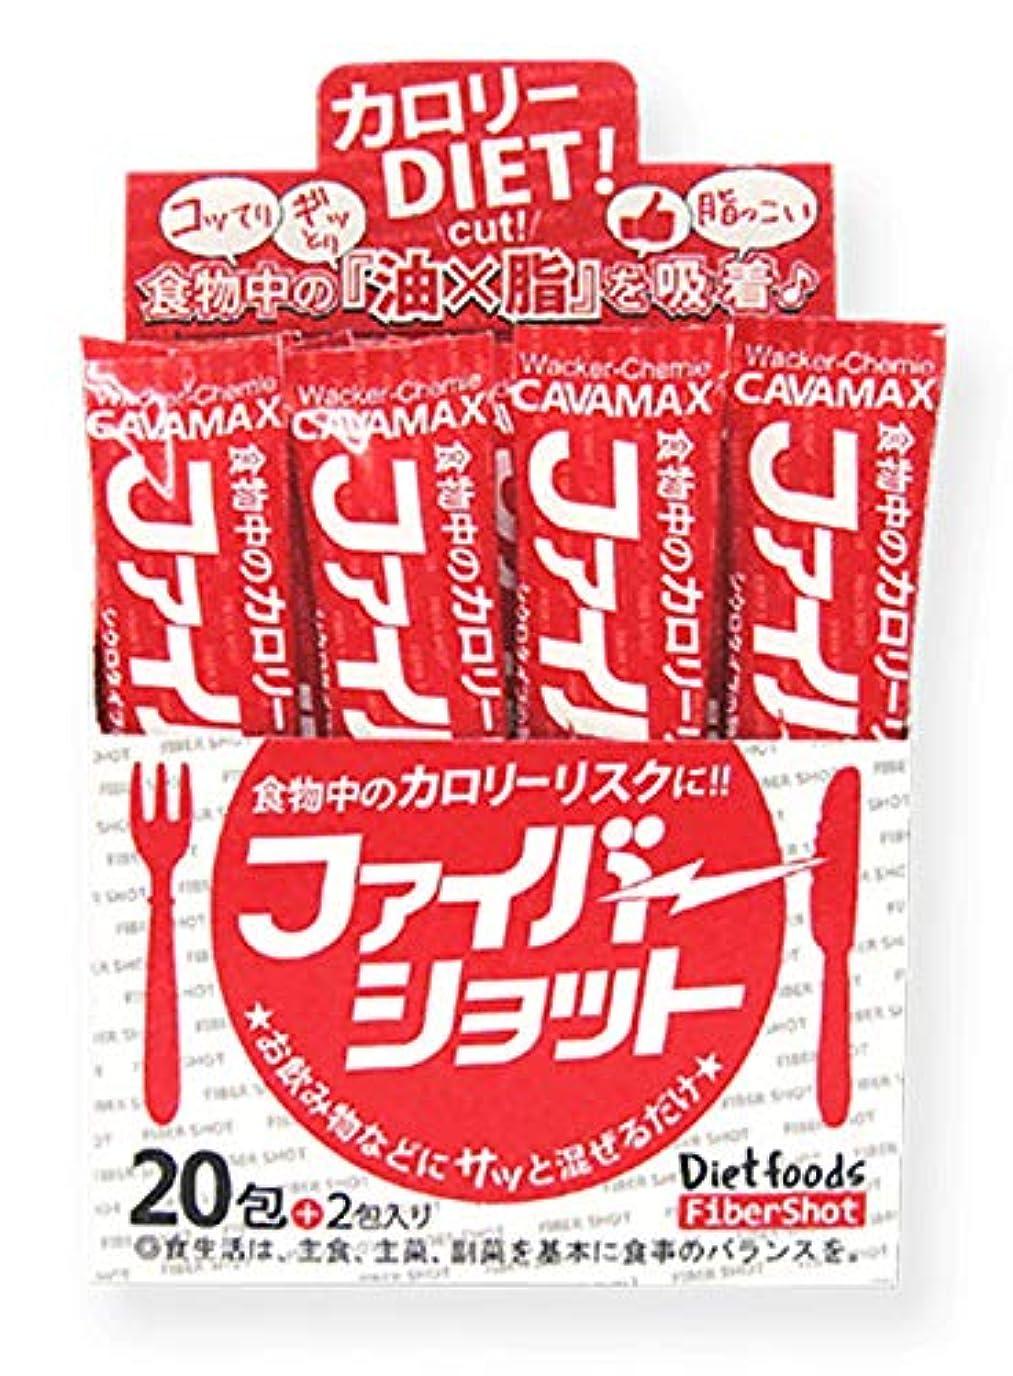 ペナルティ浸食敬意ファイバーショット (5g×22包) αシクロデキストリン 難消化性デキストリン 食物繊維 粉末